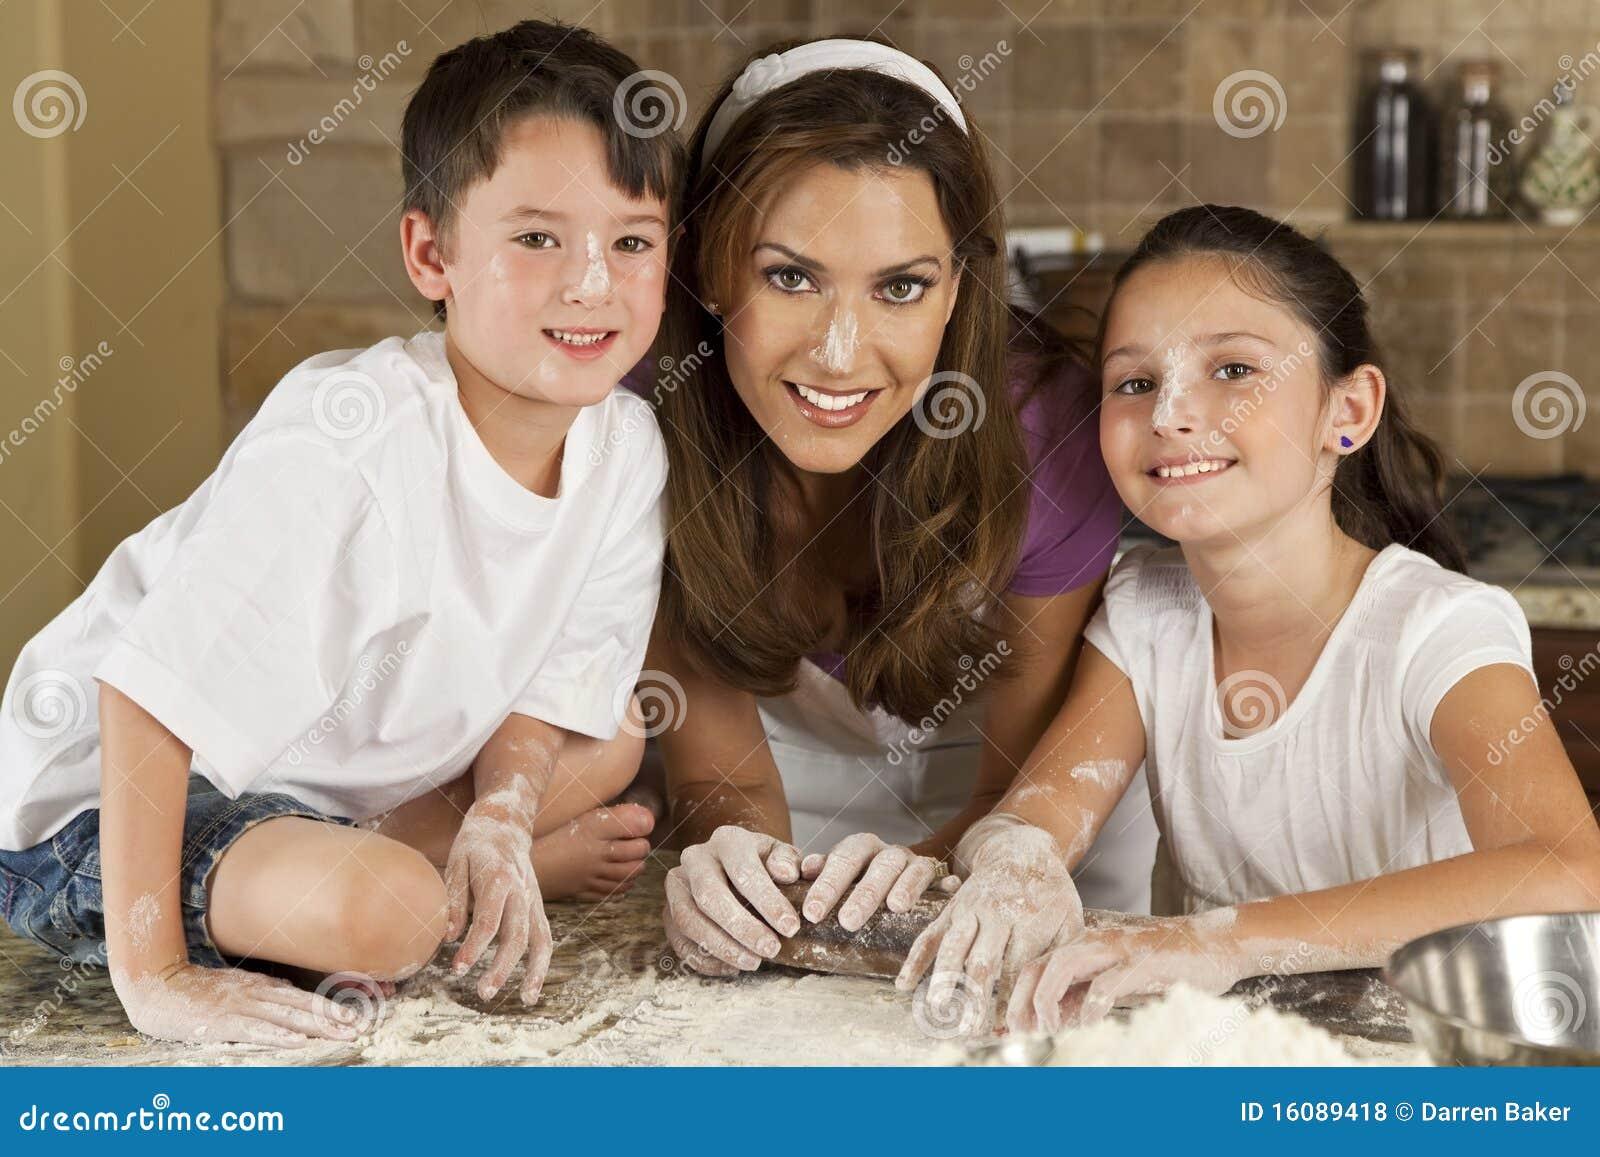 Сын дочь а мать 19 фотография